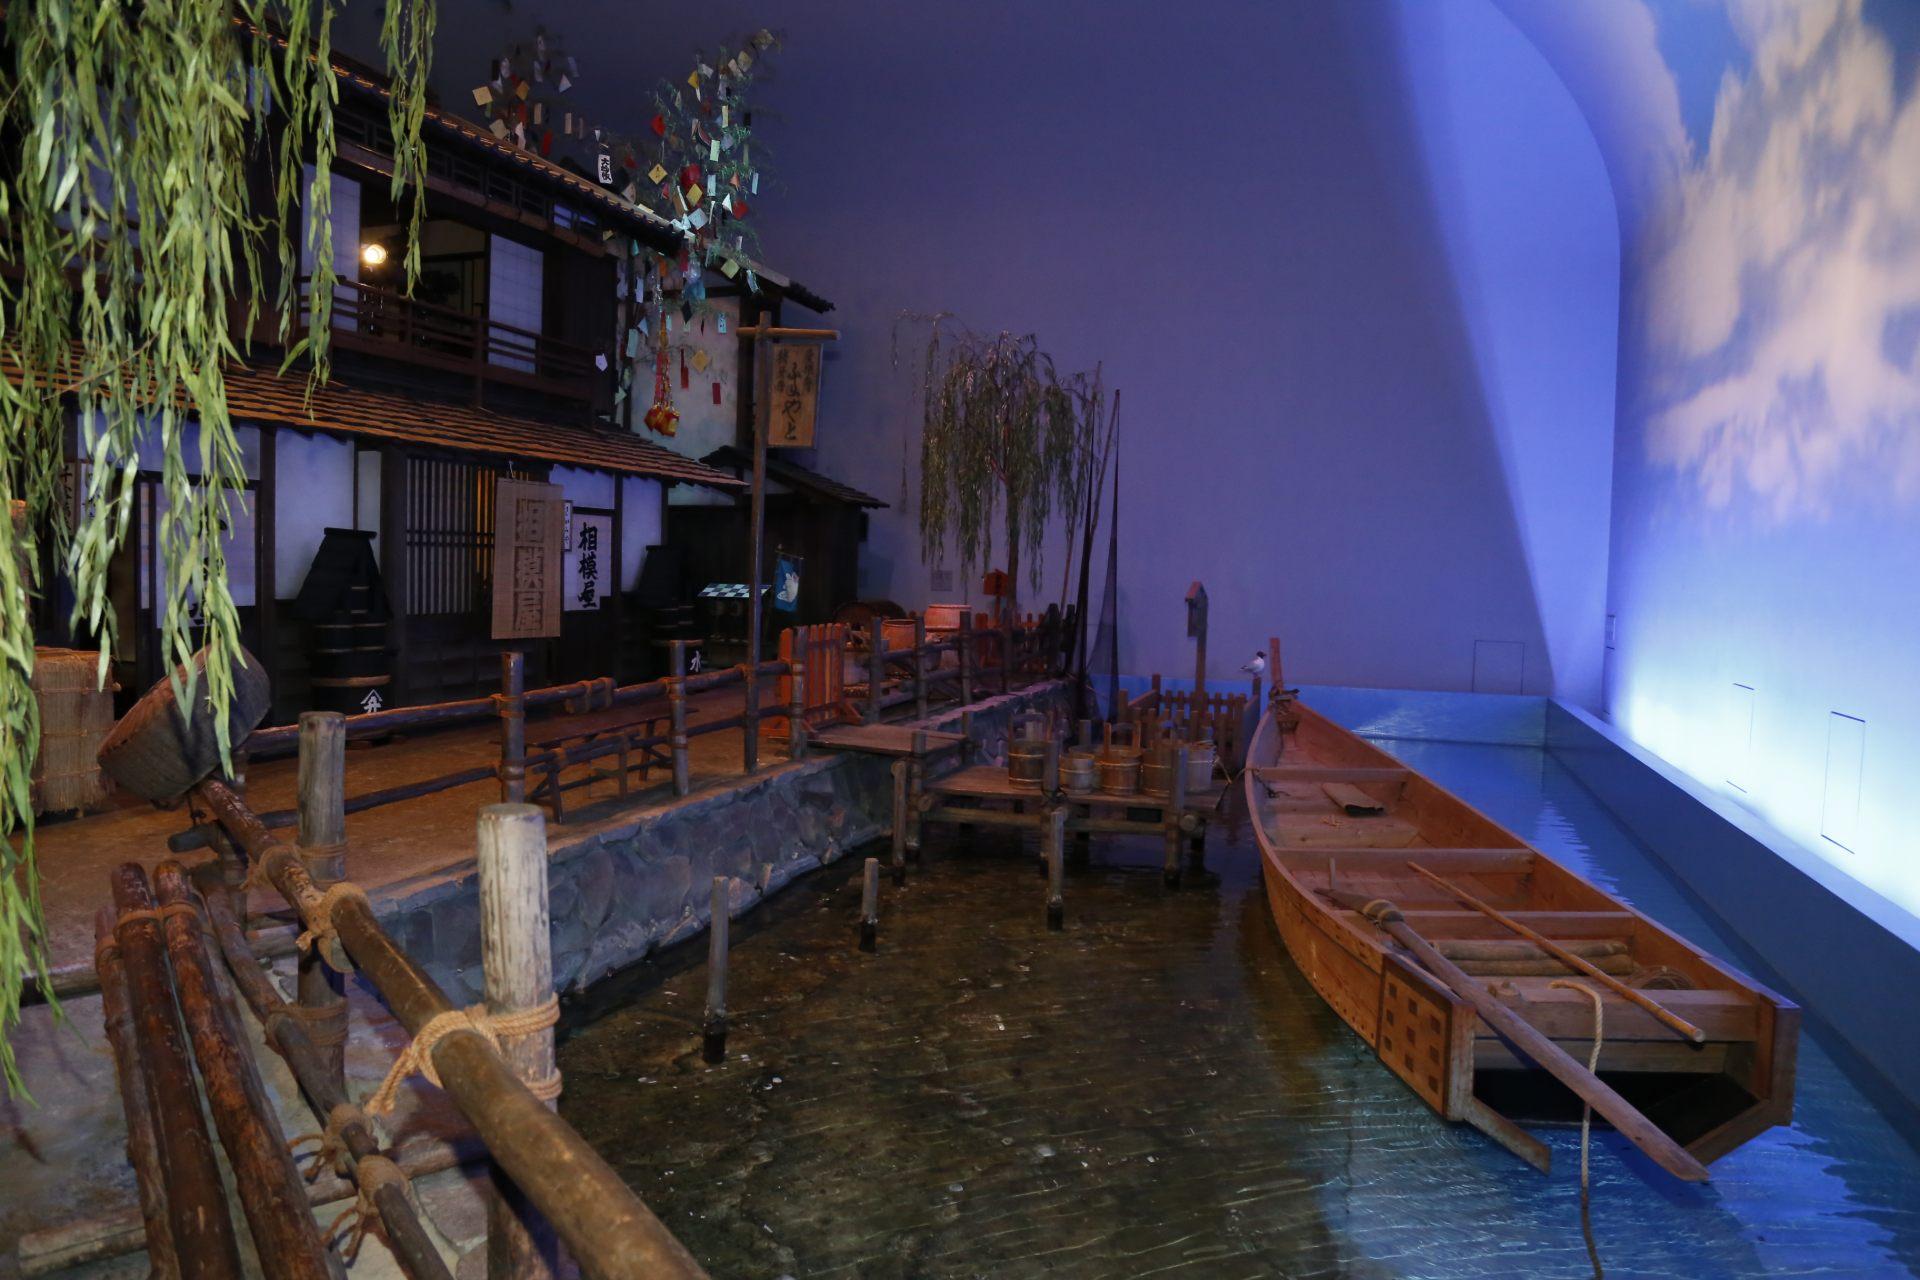 资料馆的内观,重现江户街道的风景